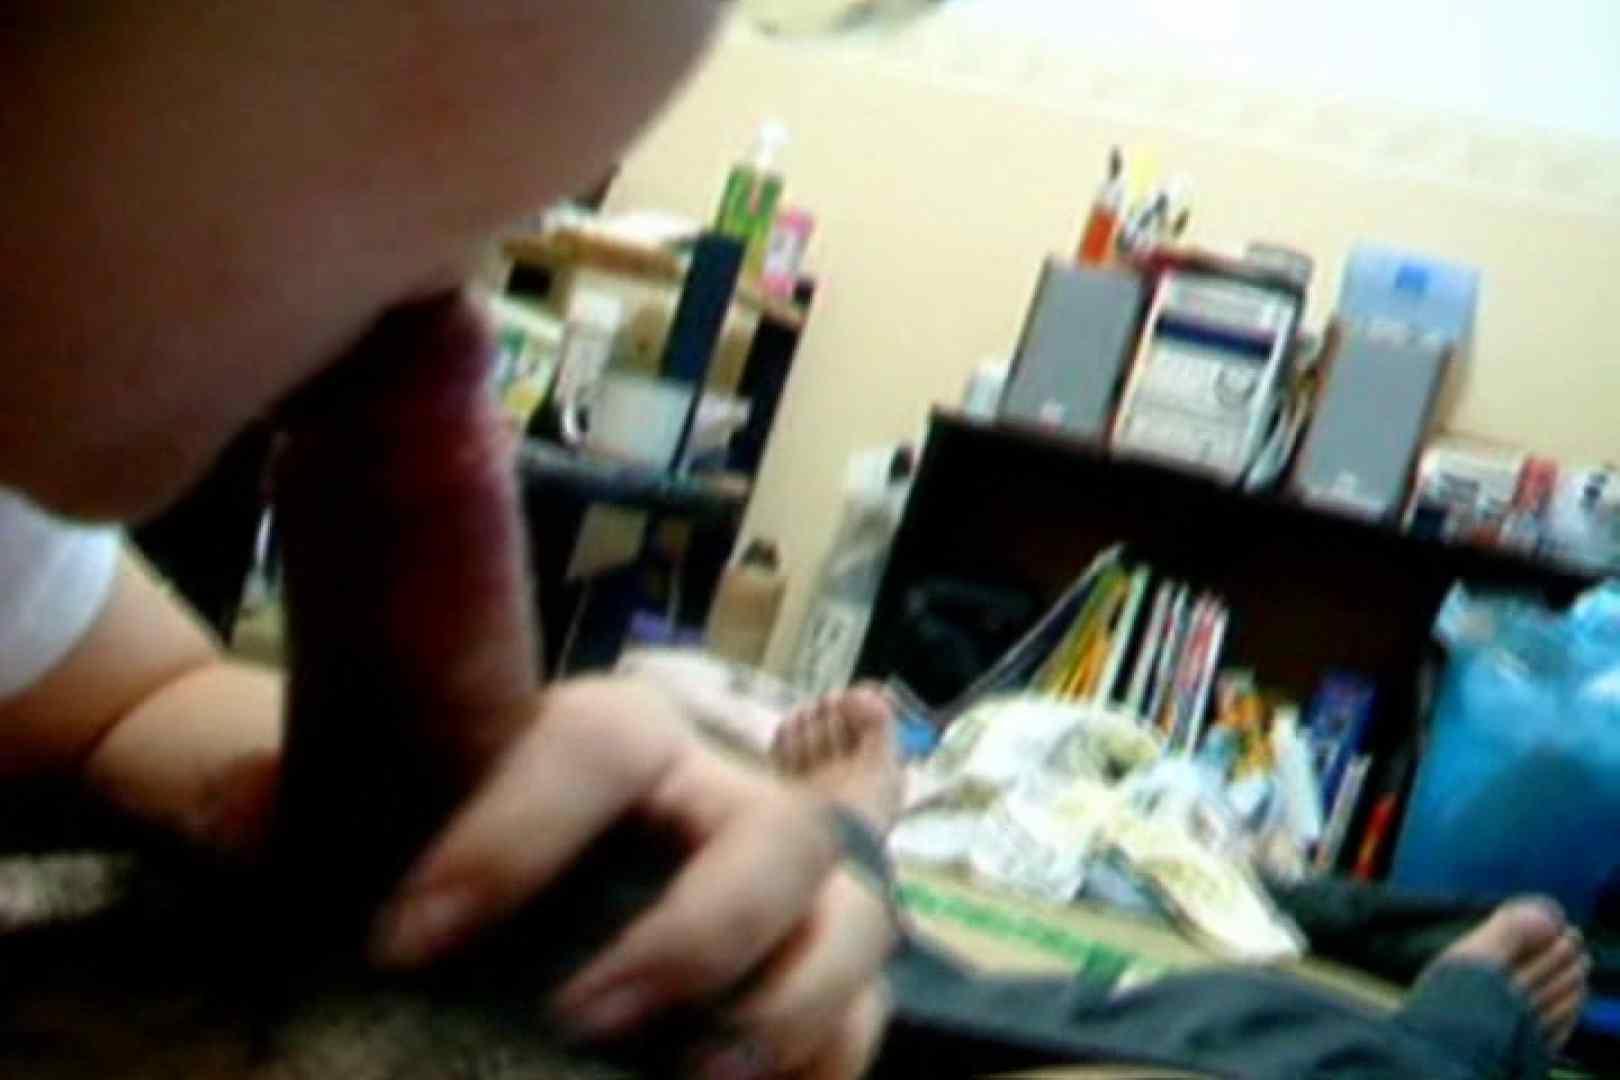 ウイルス流出 鹿児島県庁職員 中瀬瀬久成の流出ビデオ 流出作品 | 0  101画像 58